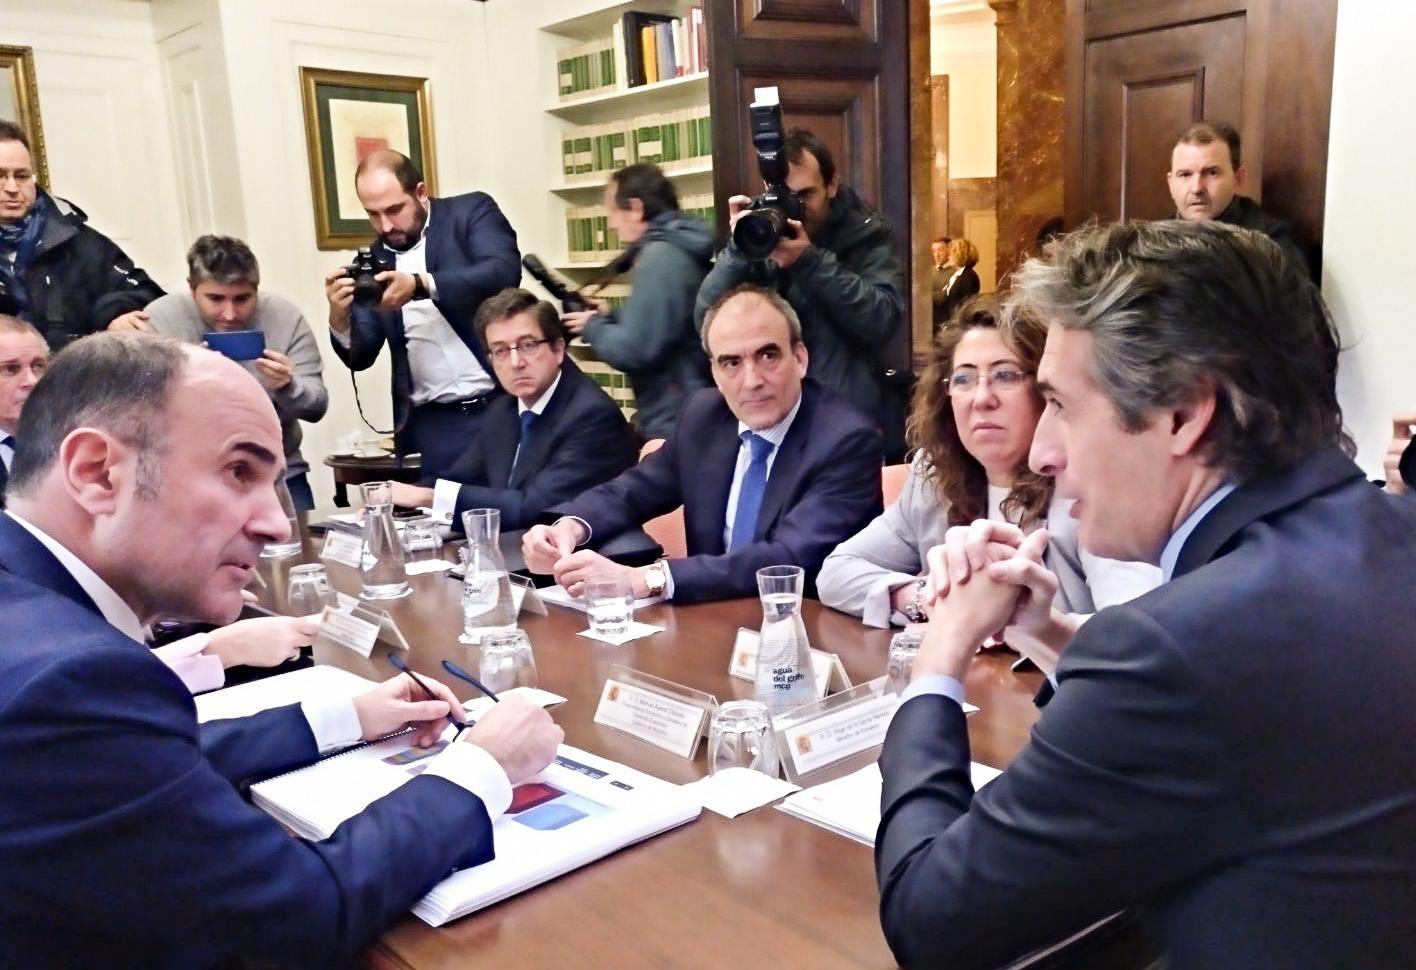 Reunión de Íñigo de la Serna con Manu Ayerdi y Arantxa Tapia, consejera vasca de Desarrollo Económico e Infraestructuras.